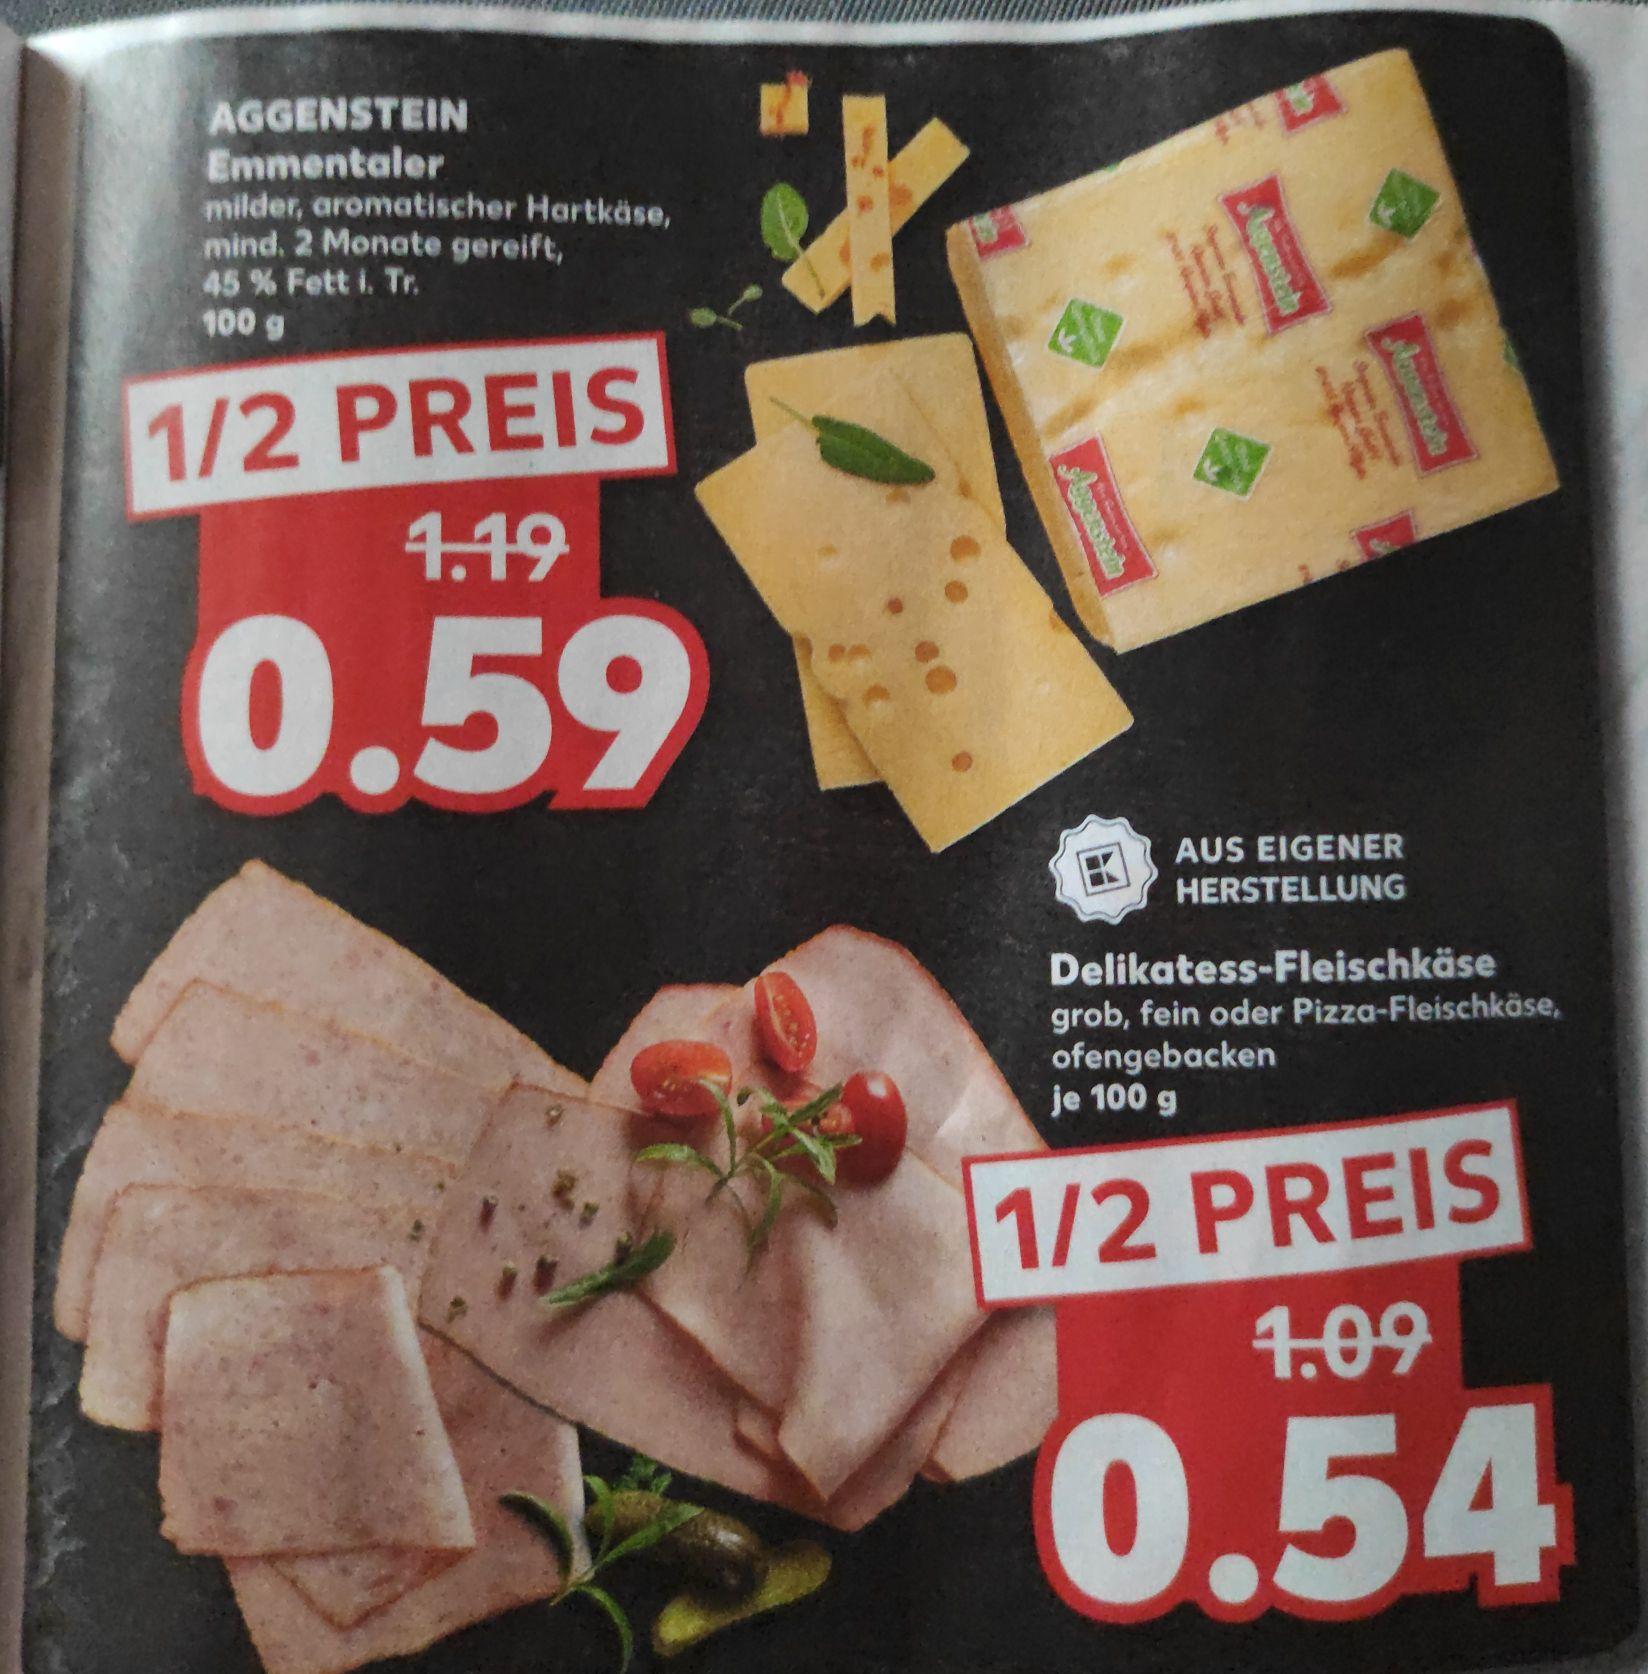 So ein Käse - Aggenstein Emmentaler zum halben Preis / alternativ Delikatess Fleischkäse für 5 Cent weniger [Kaufland offline bundesweit?]